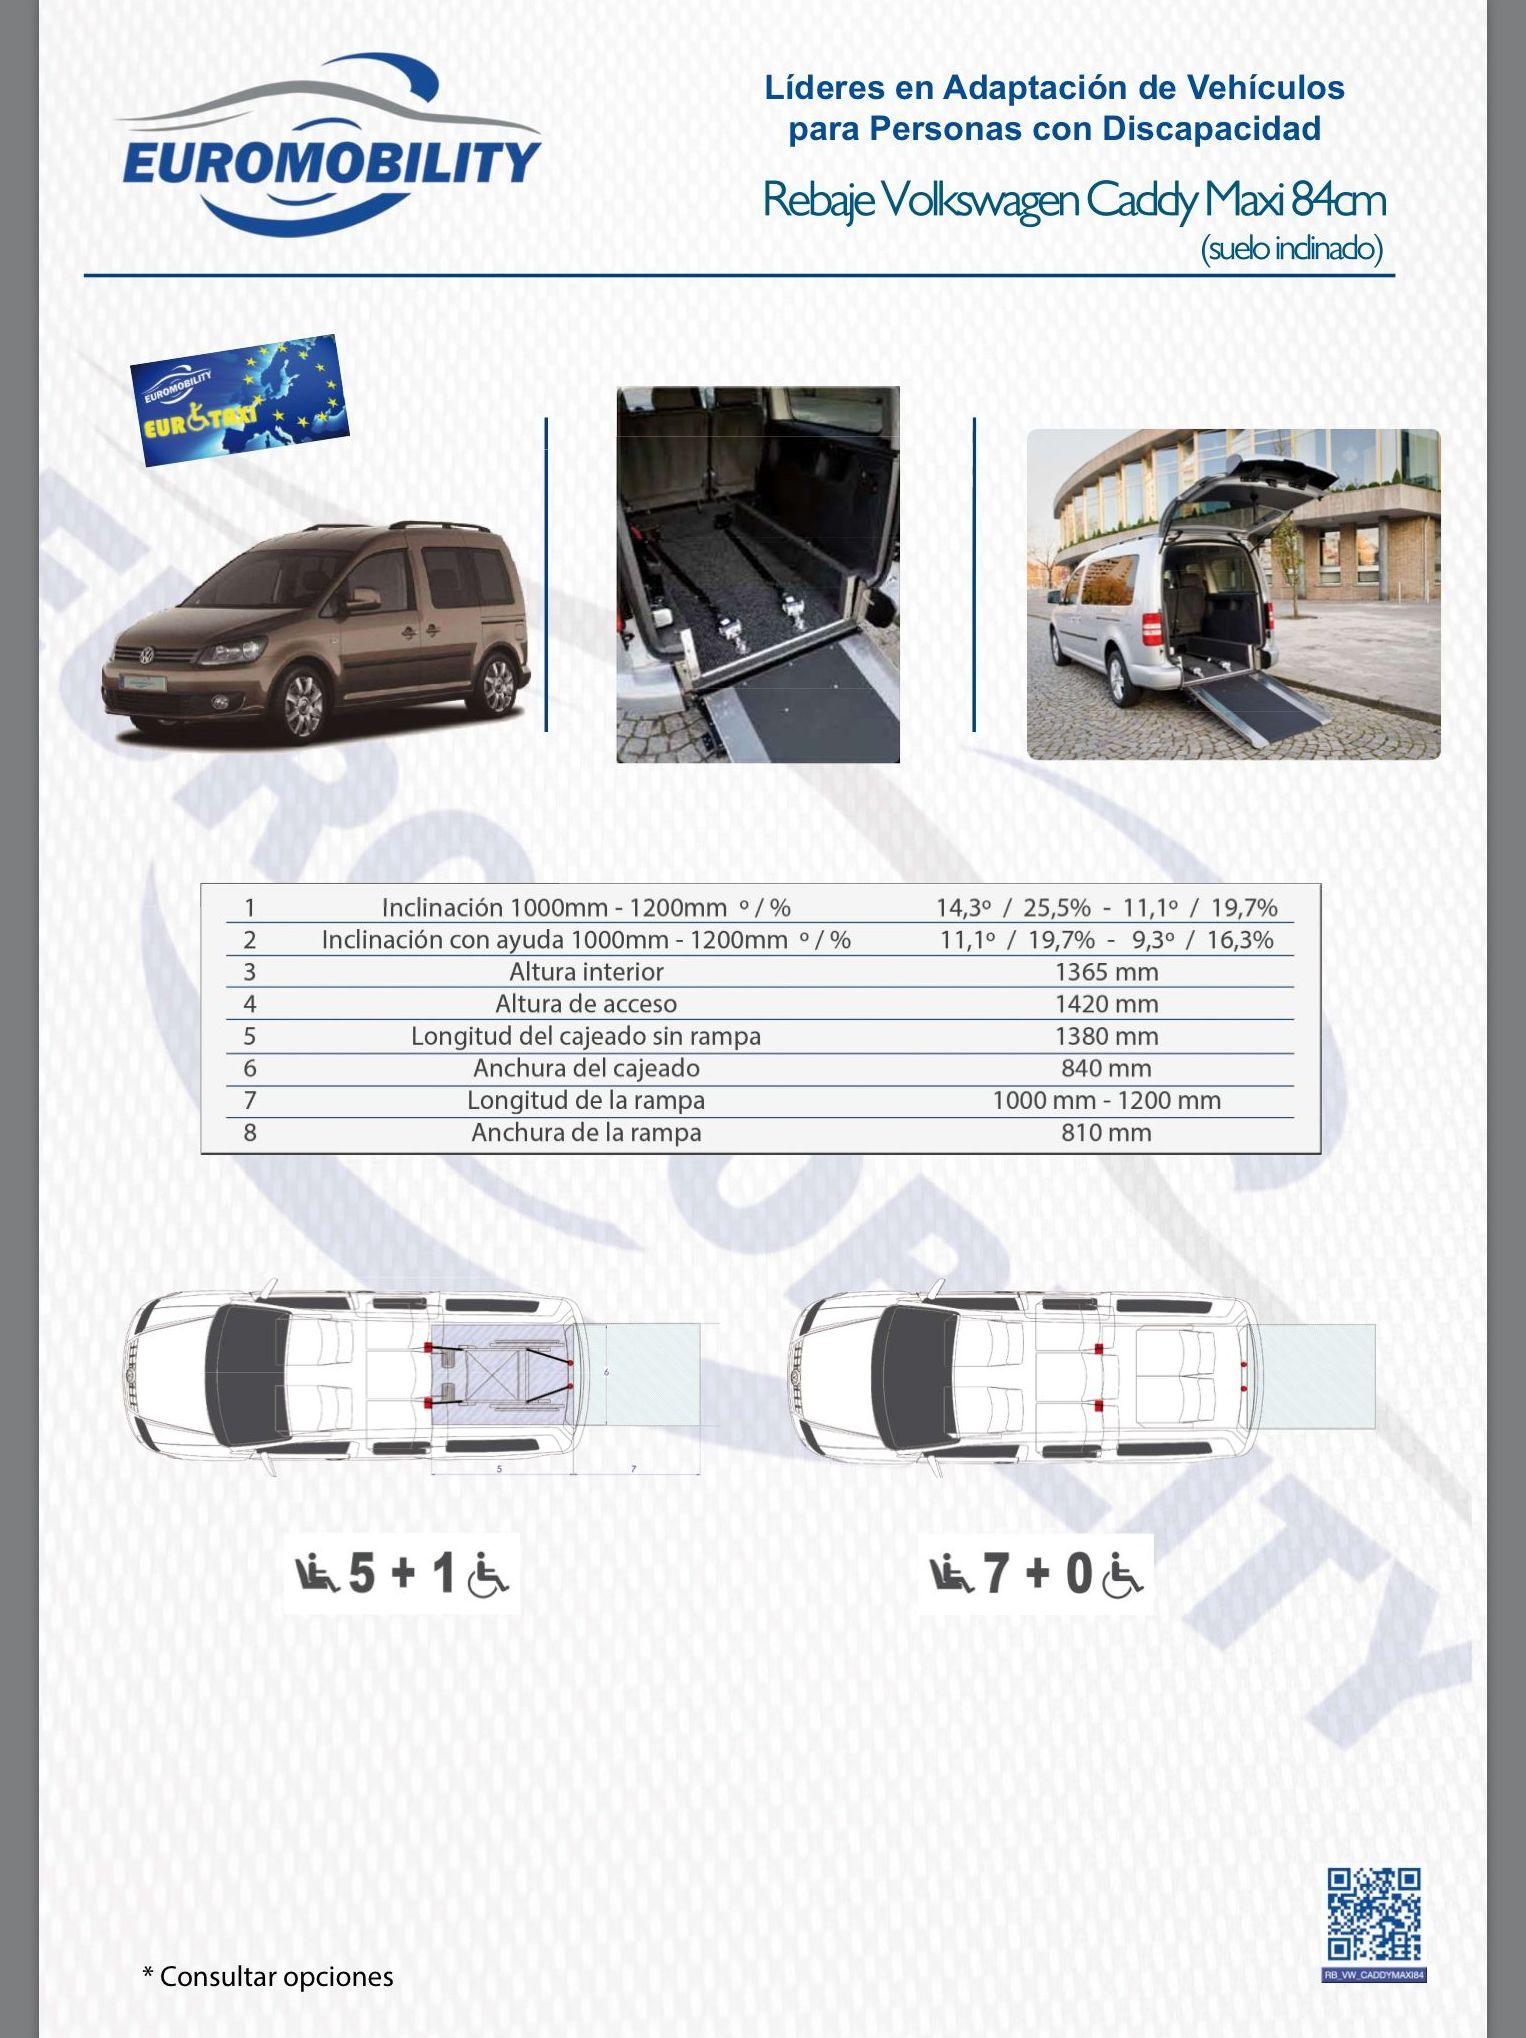 Rebaje de piso / cajeado Volkswagen Caddy Maxi. Adaptación de vehiculos Gijón.